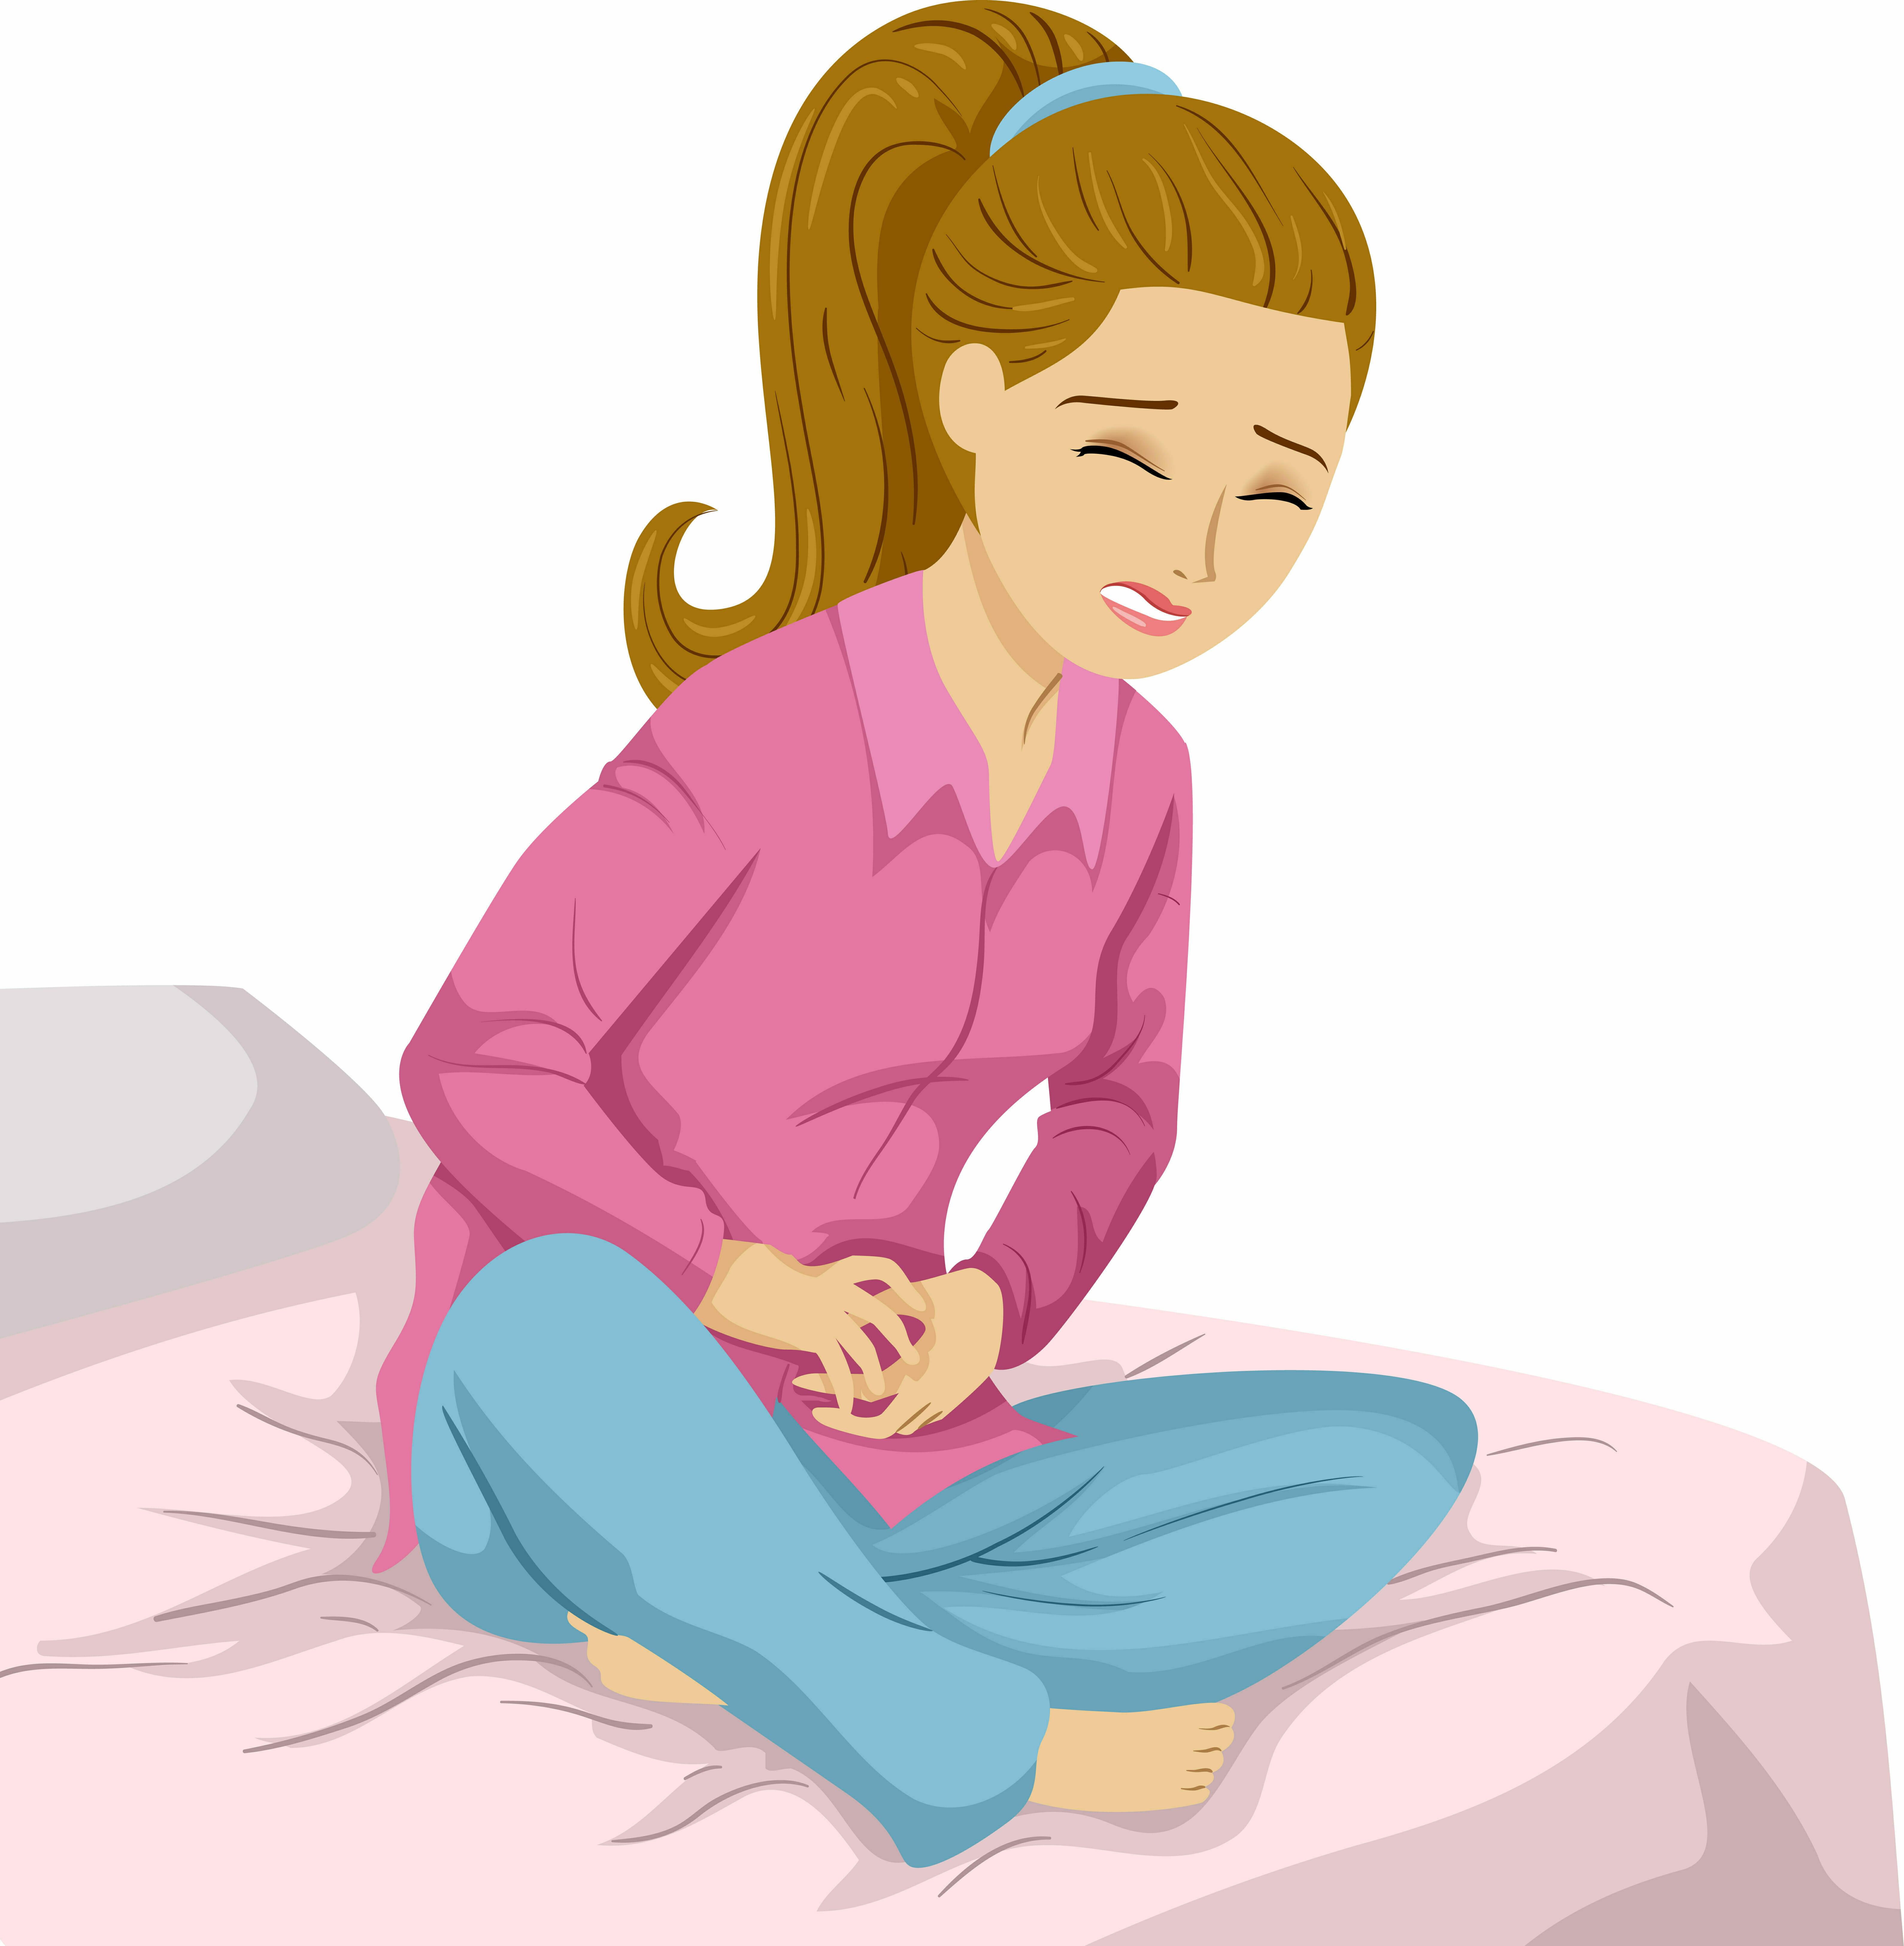 Rysunek przedstawiający kobietę siedzącą na łóżku i trzymającą się za brzuch